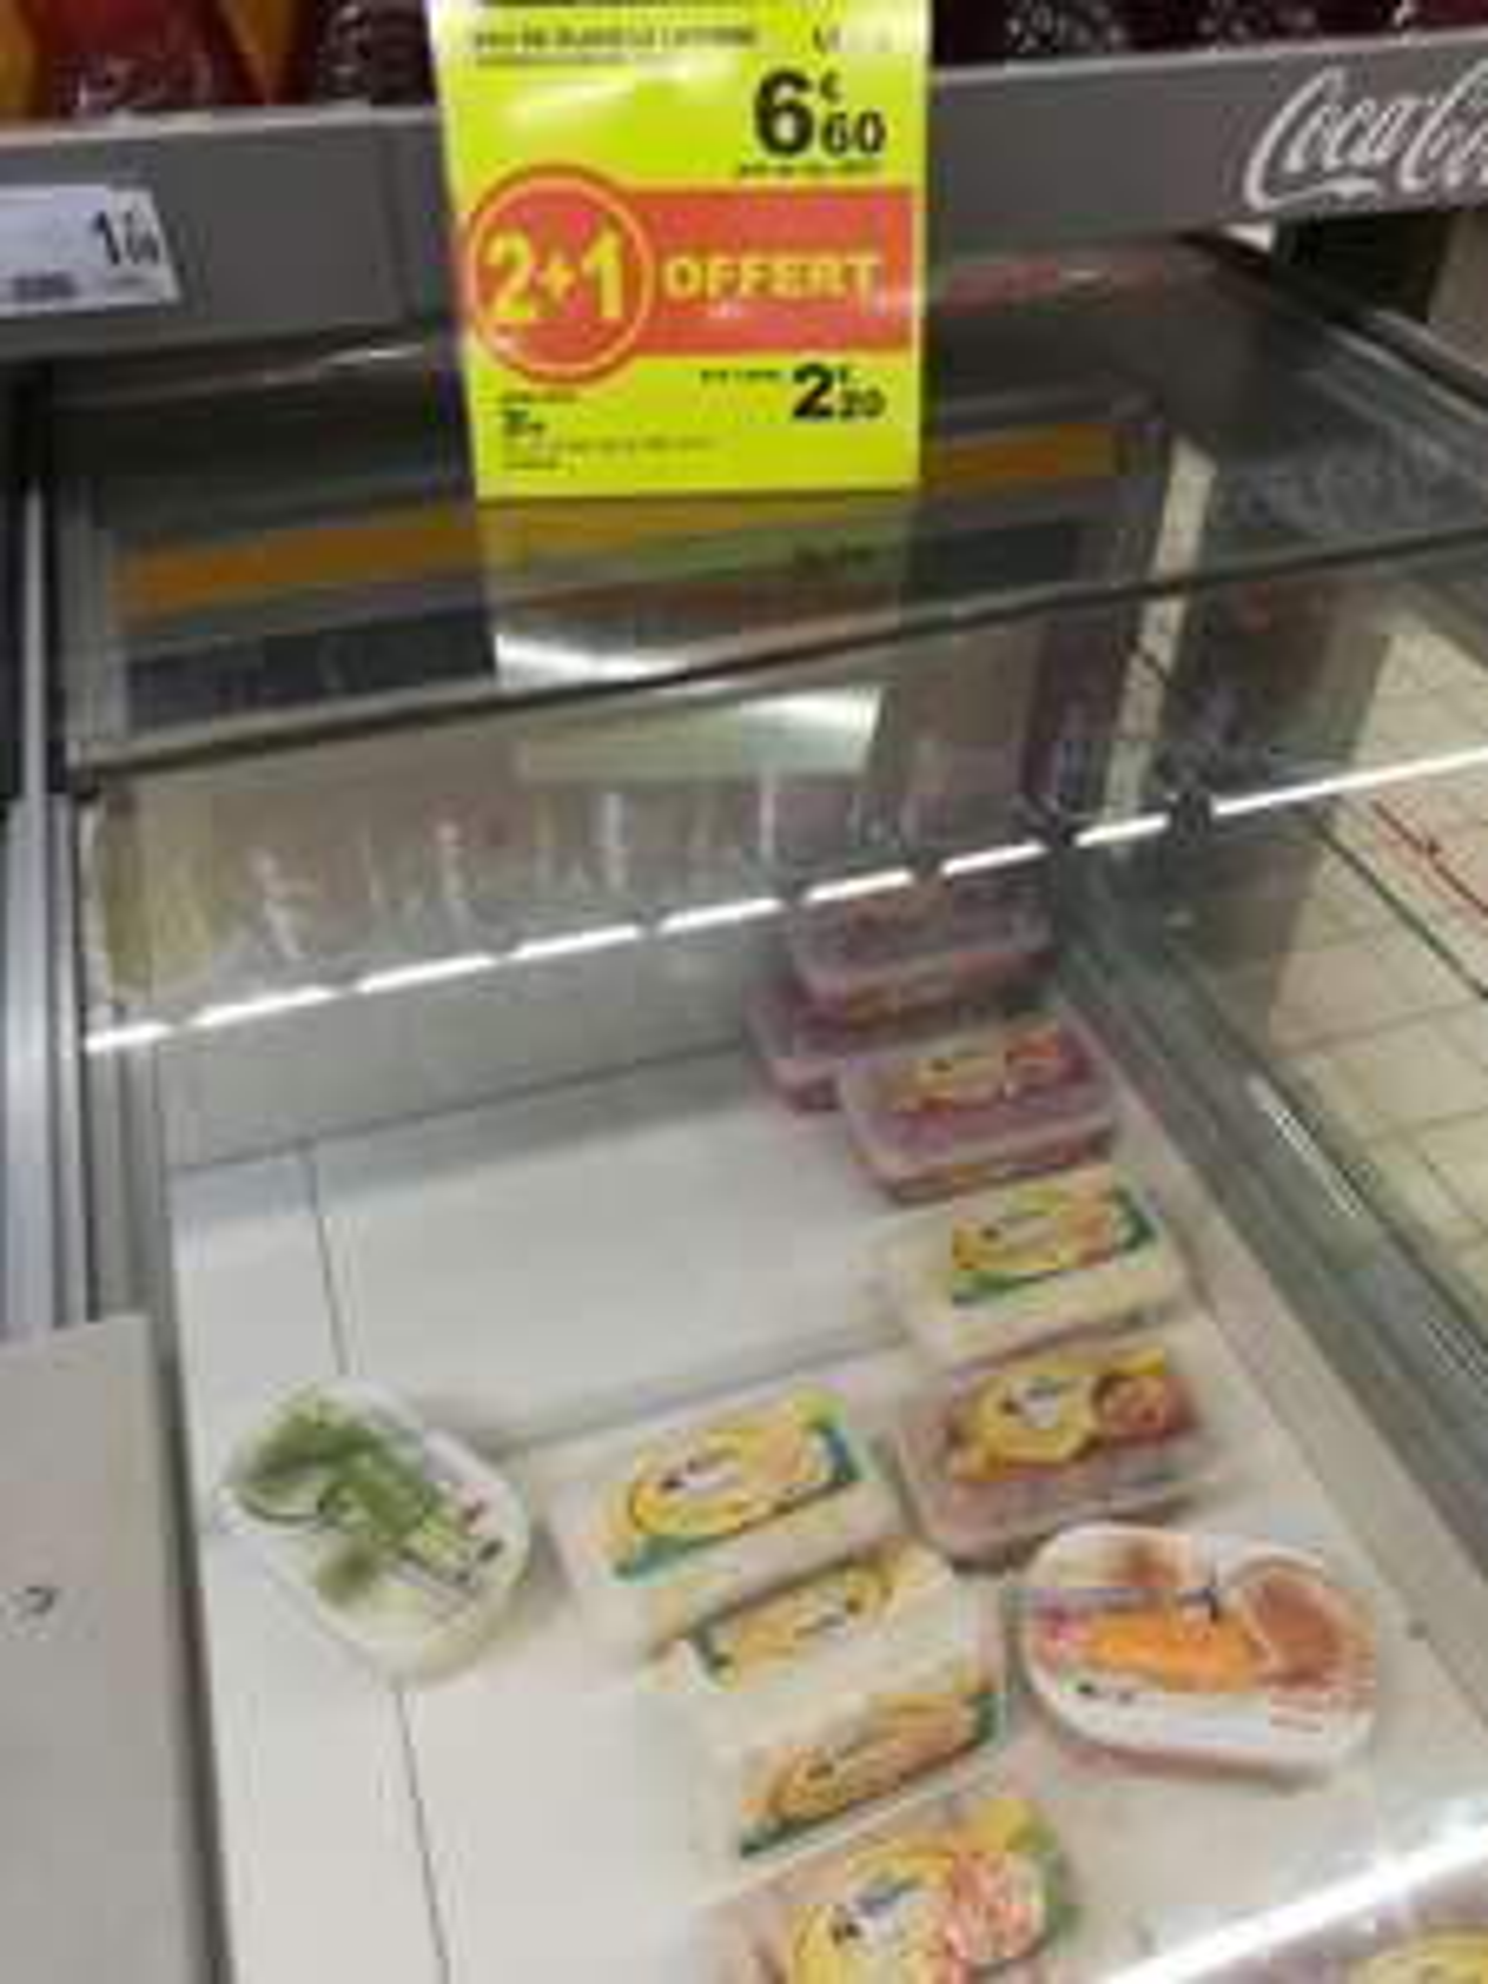 3 Bacs de glace la laitière (via 2€ Shopmium) - Auchan Leers (59)